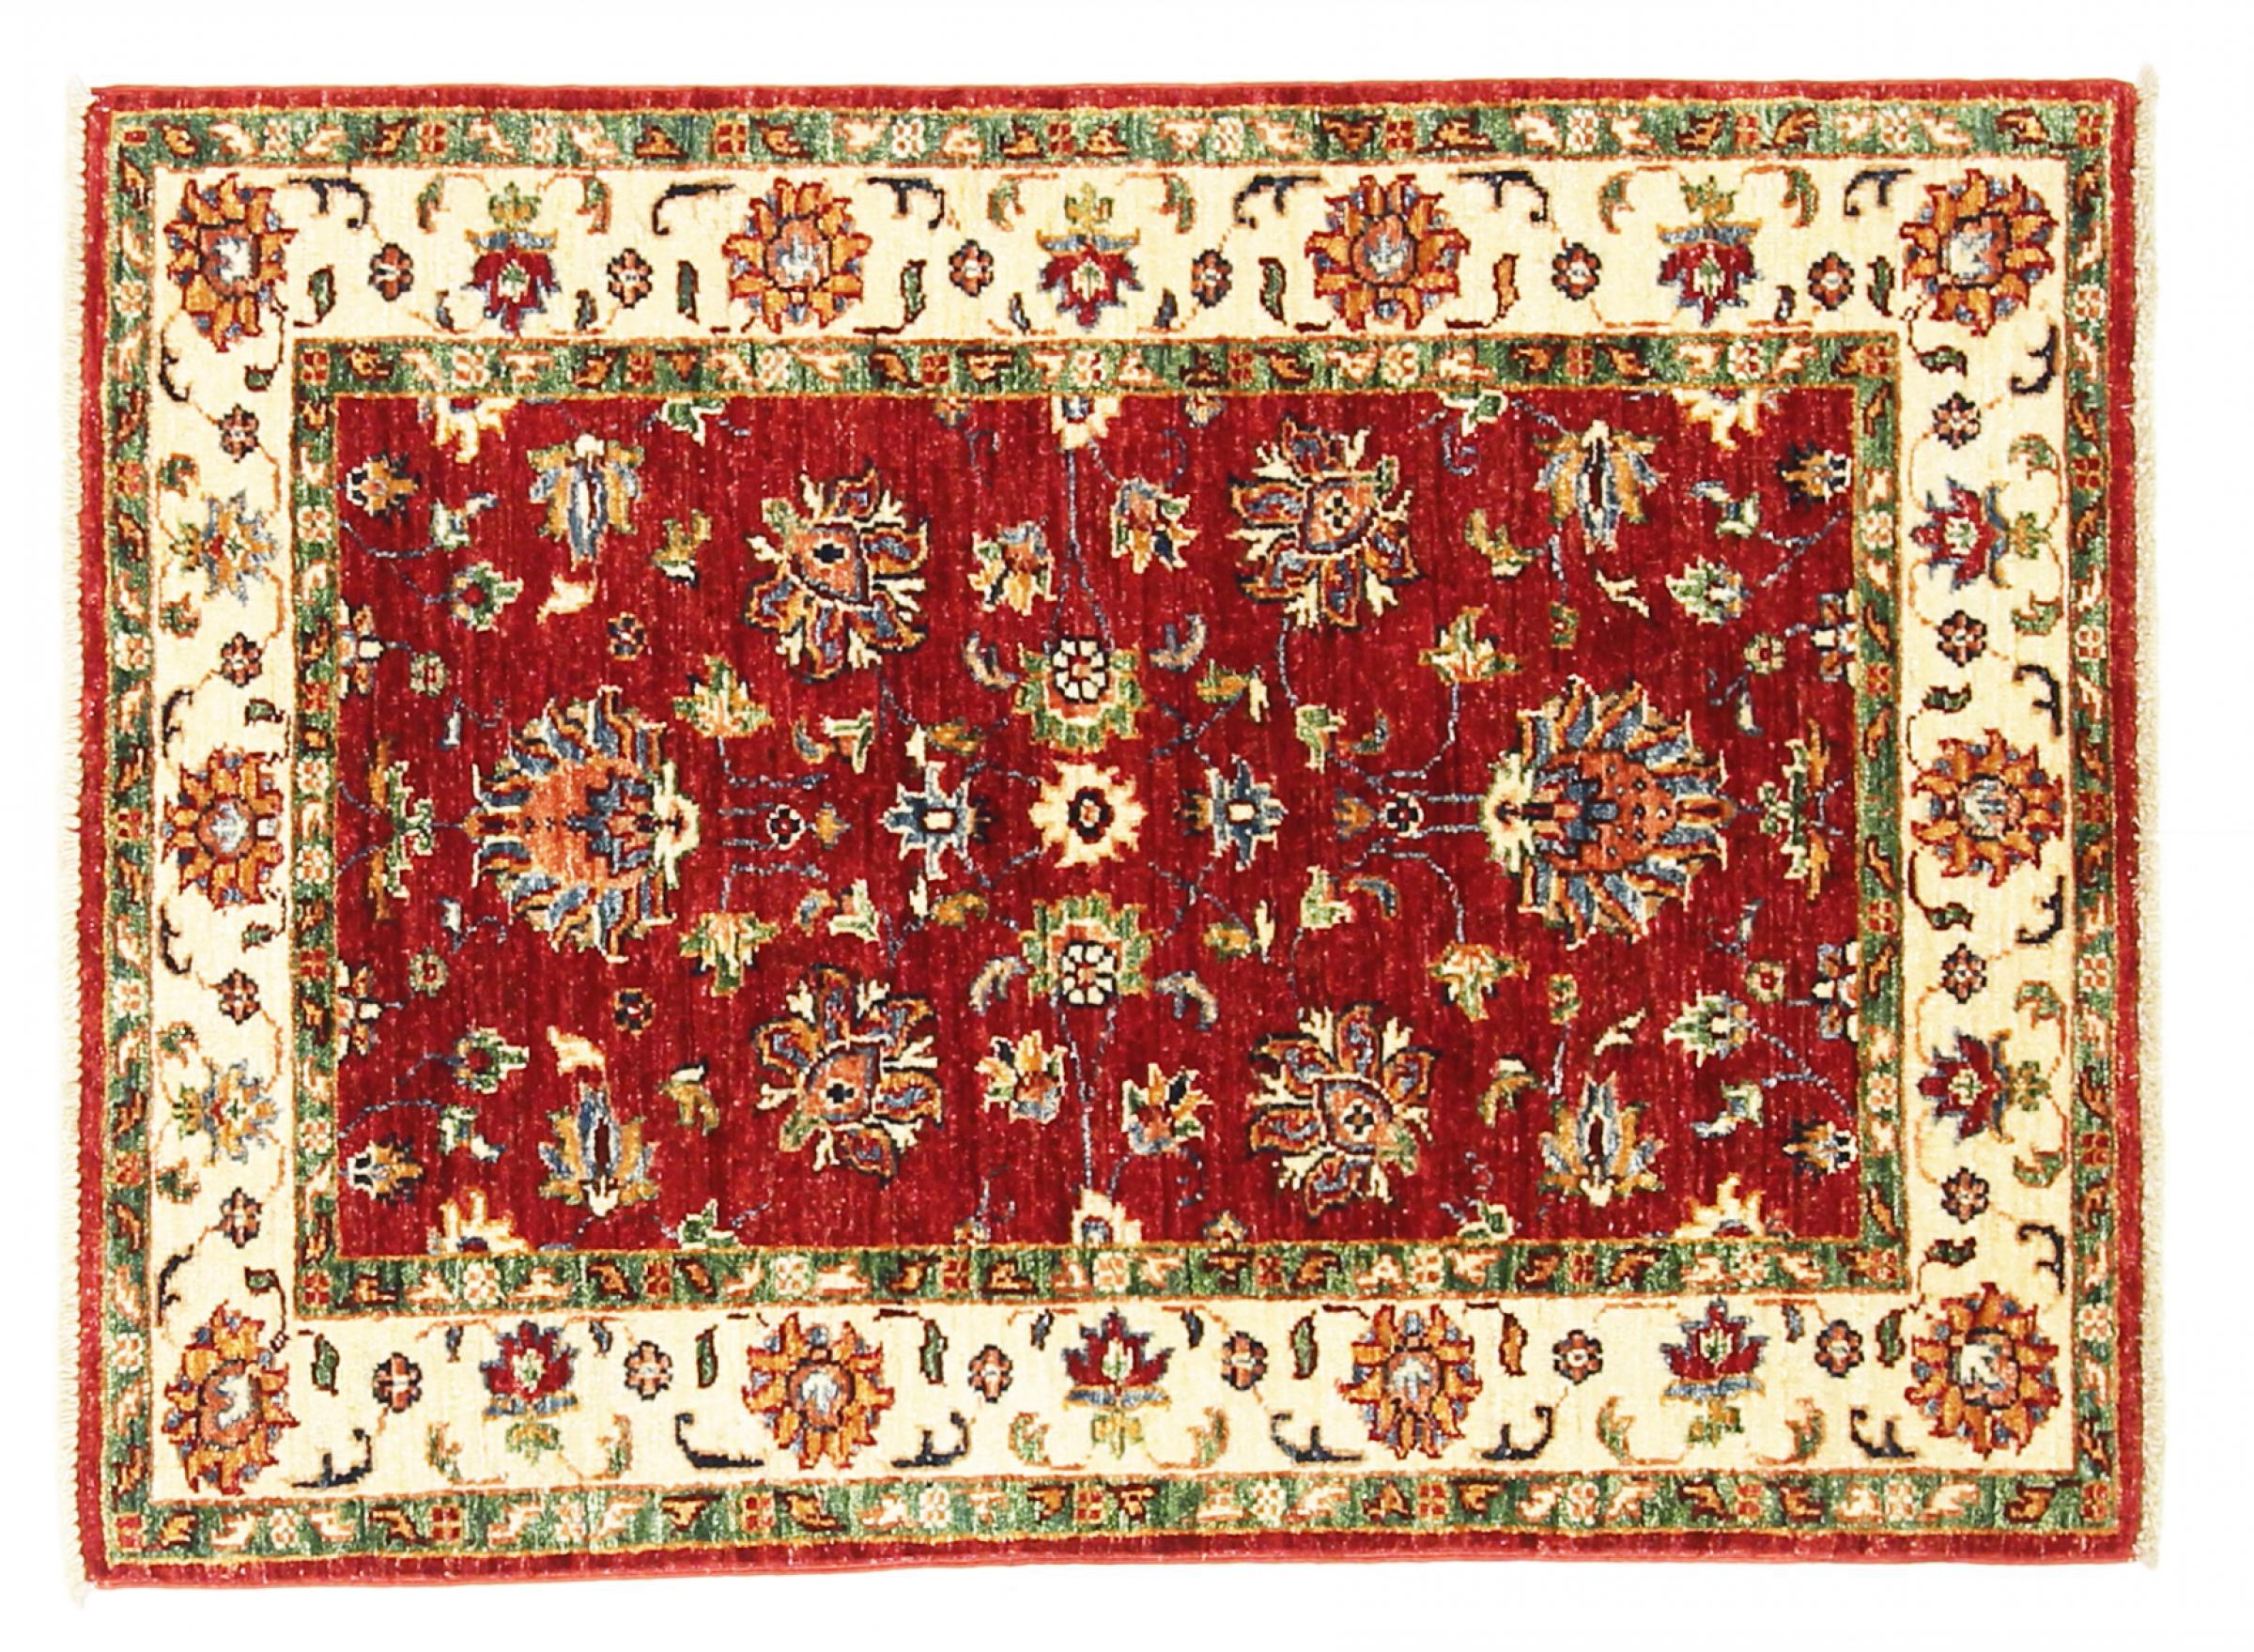 ziegler tapis 109x82 id31201 achetez votre tapis With tapis carré 100x100